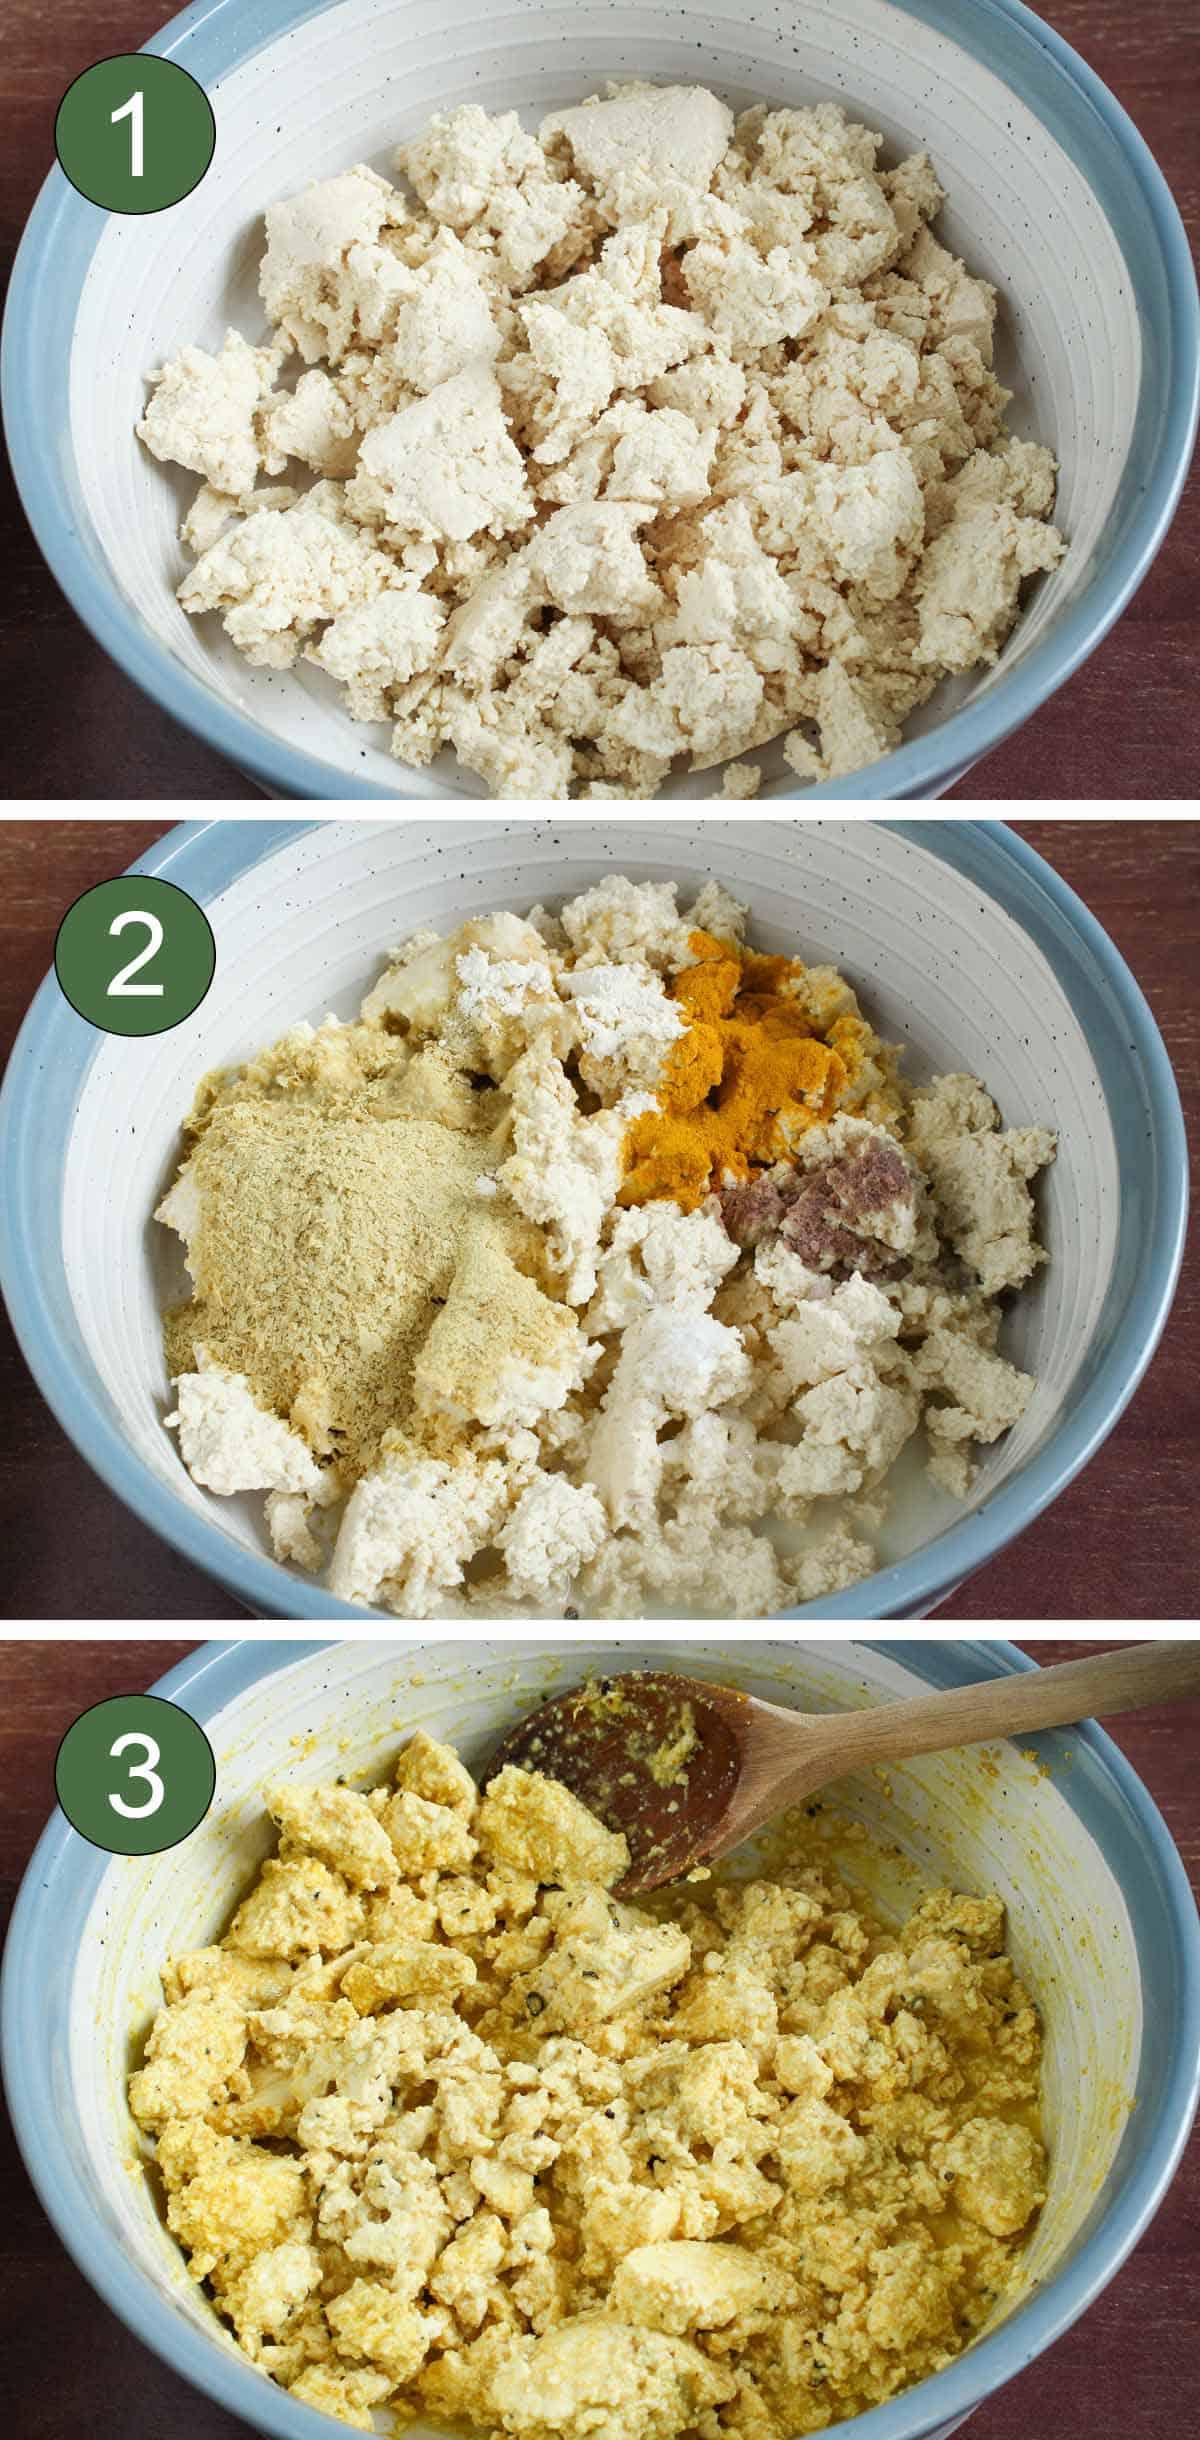 Process Shots Showing How to Make Vegan Tofu Scramble